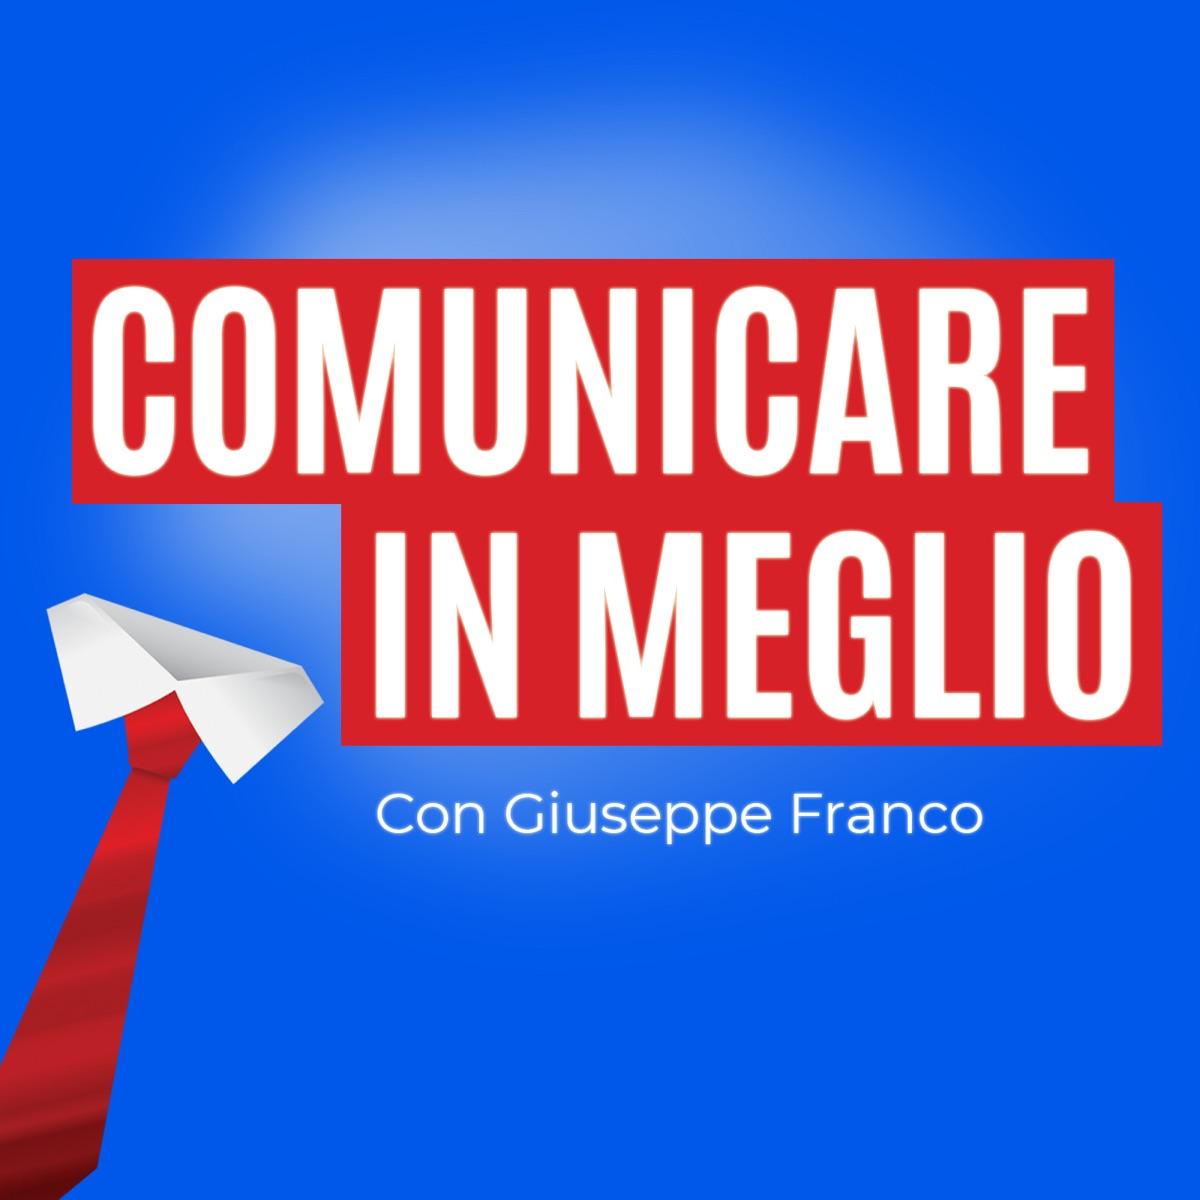 Comunicare in Meglio